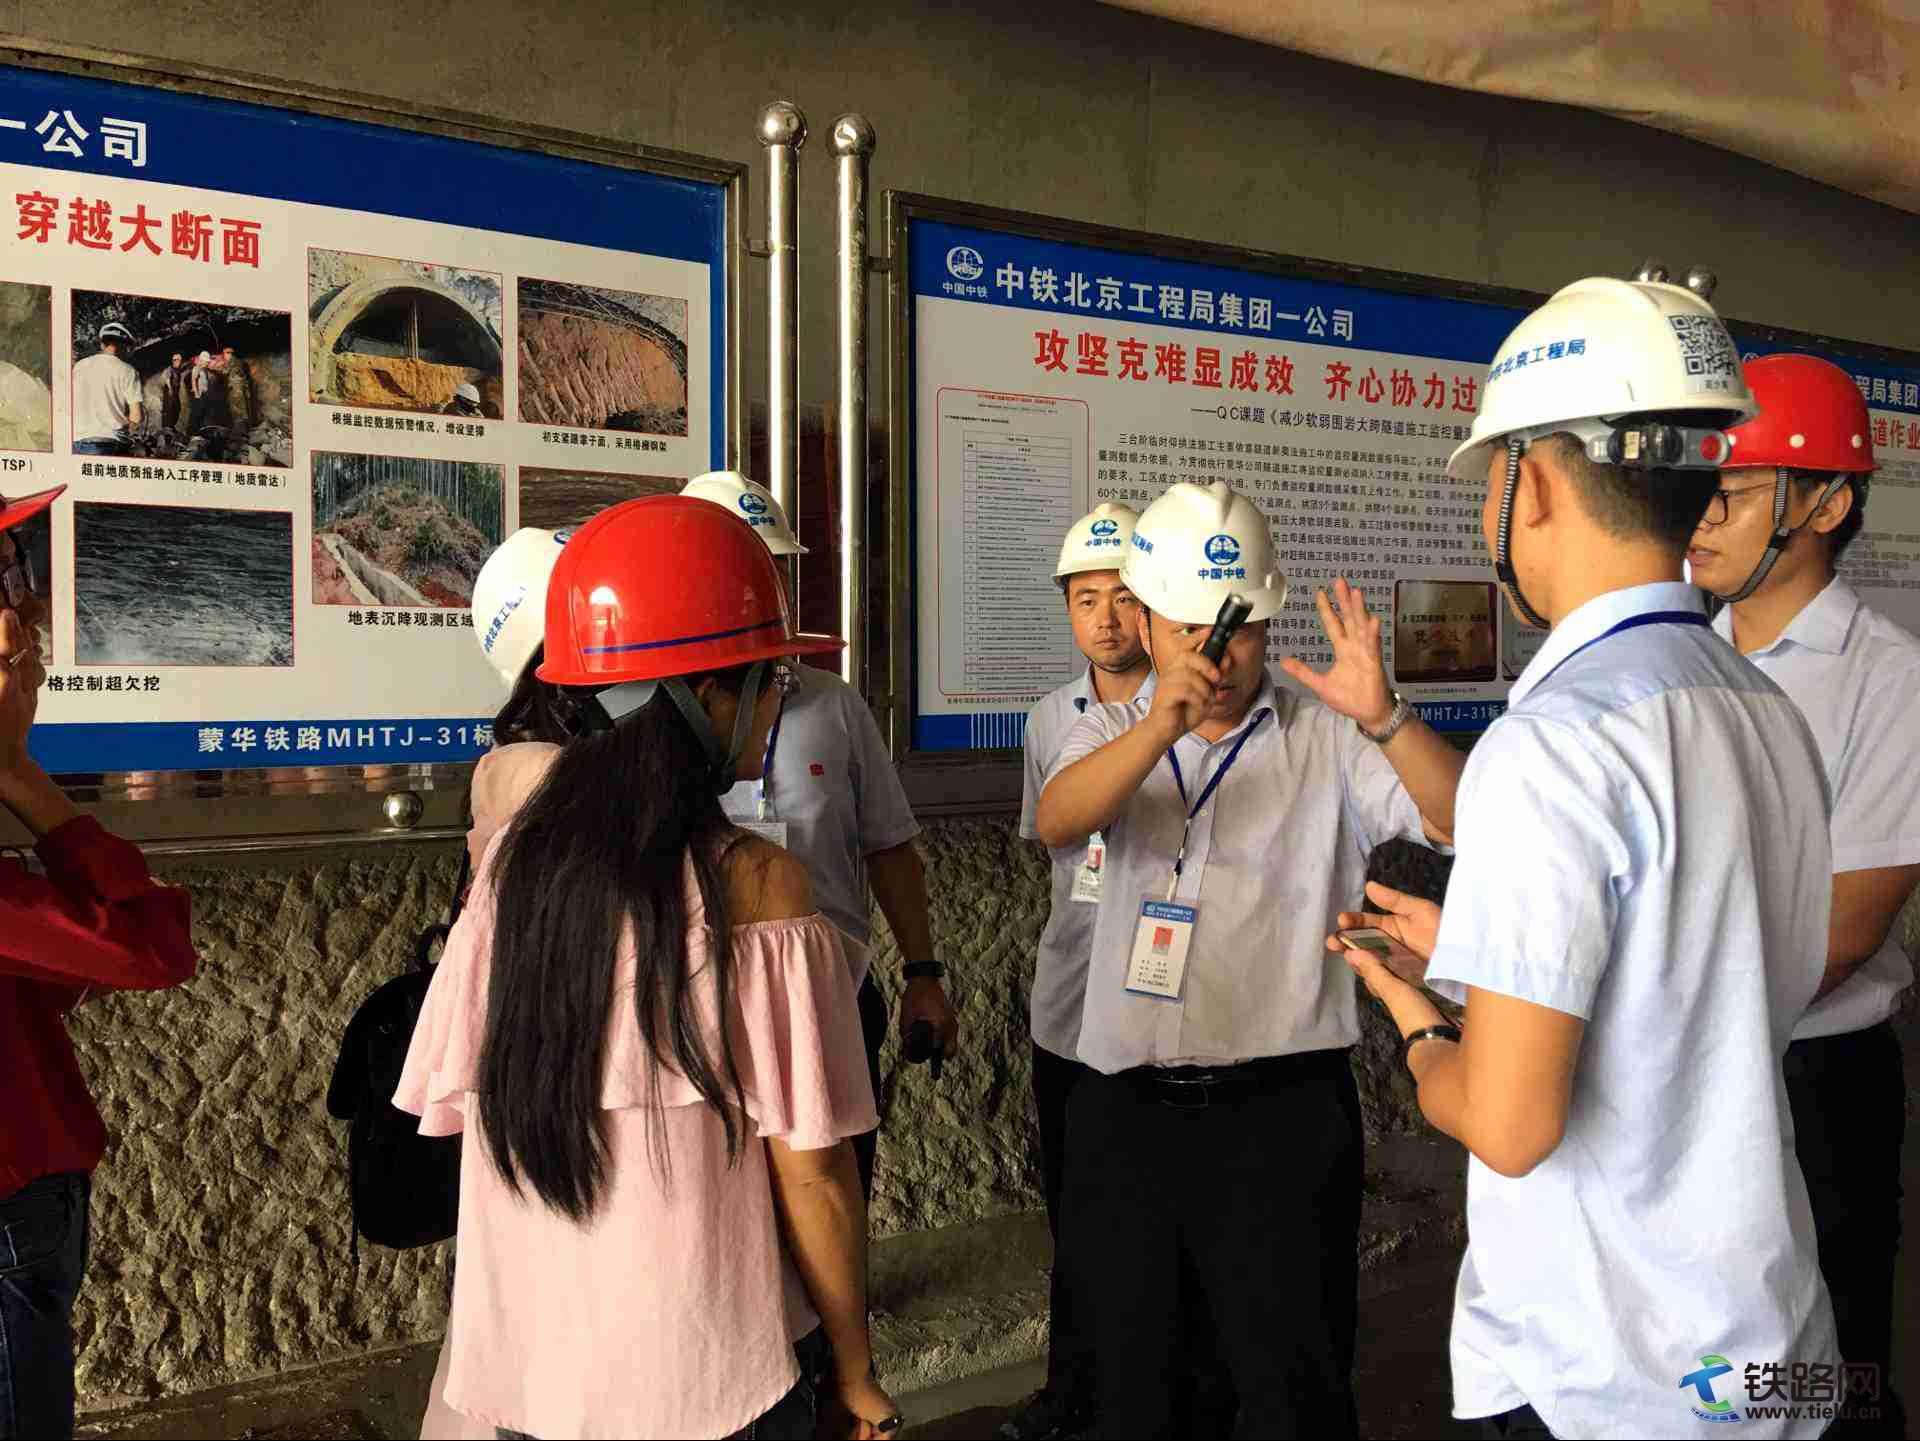 国际商报建设周刊赴蒙华一工区石岩岭隧道进行实地采访